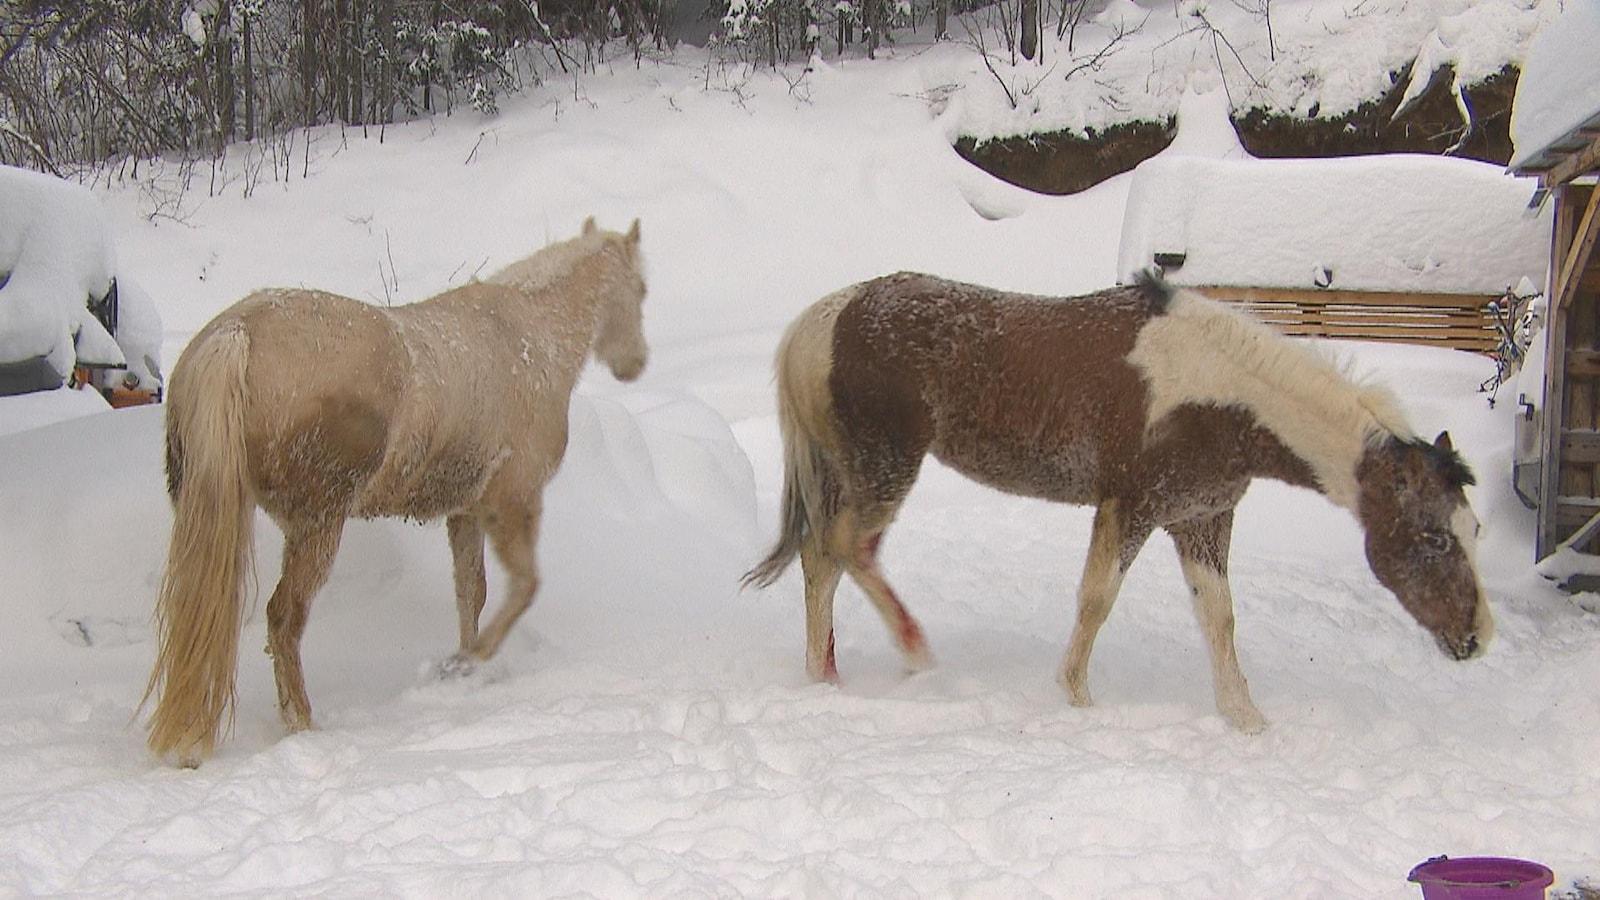 Deux cheveux marchent l'un derrière l'autre dans la neige.